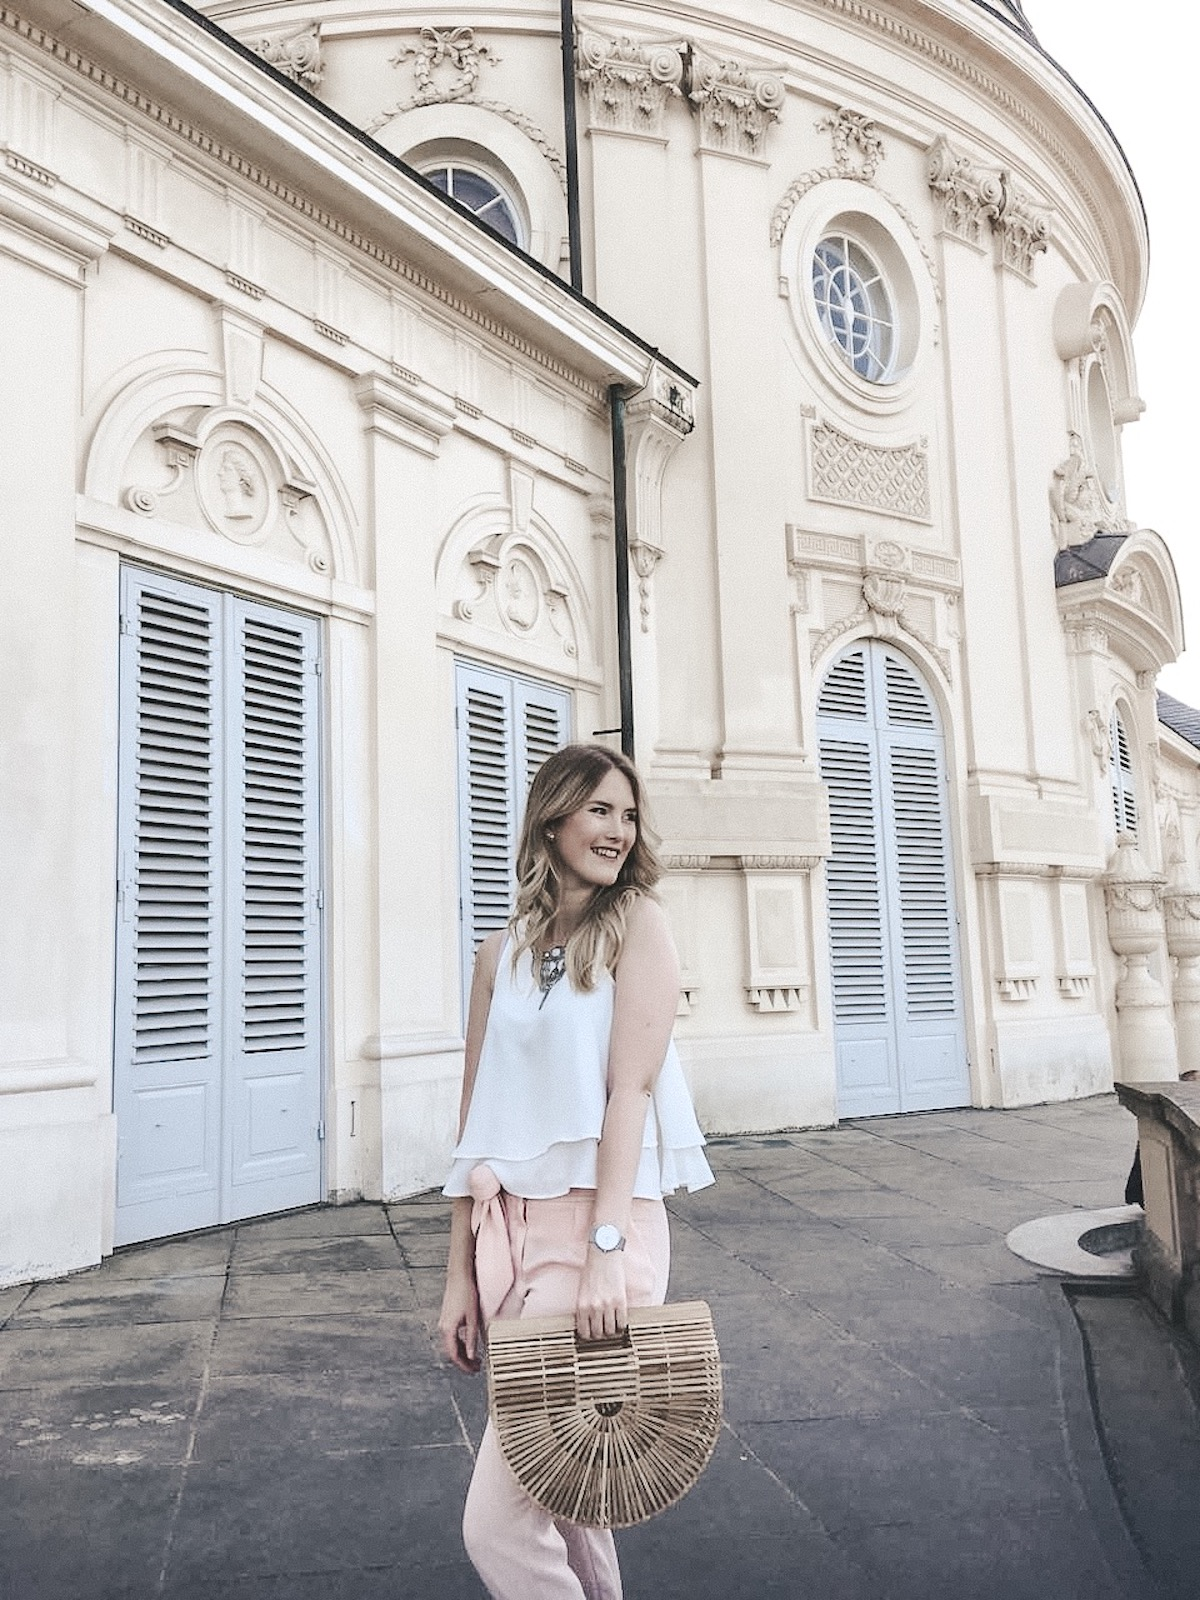 #Zeitschenken: Alles zur Quality Time mit Mama und meinen Erfahrungen mit Nordgreen Uhren Fashionblog Stuttgart Schloss Solitude